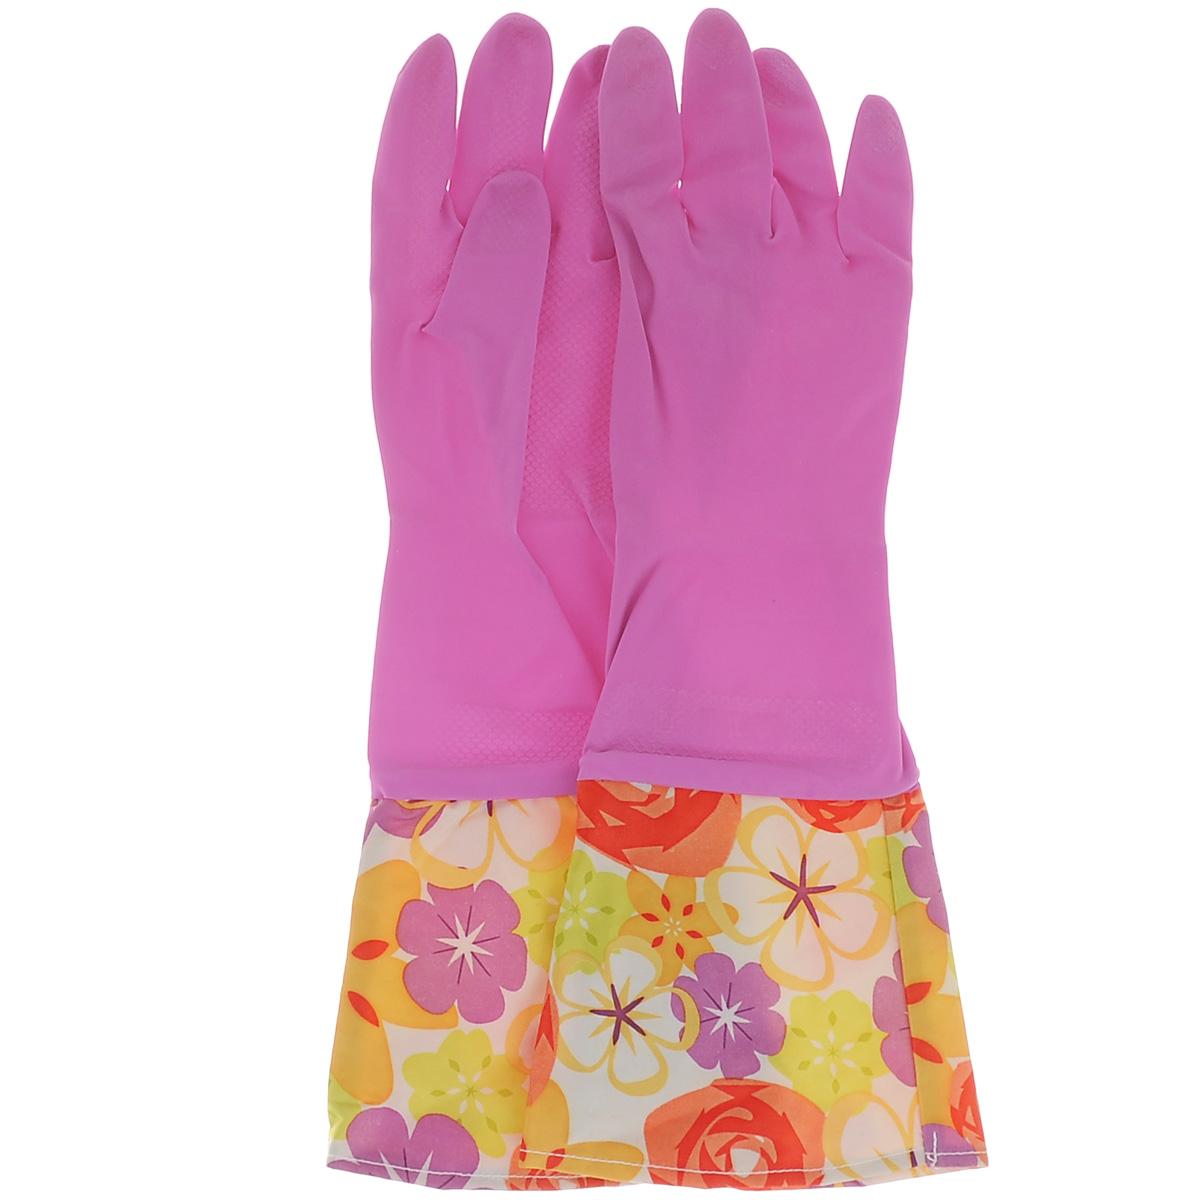 Перчатки хозяйственные Celesta, с удлиненными манжетами, цвет: розовый. Размер S5068Перчатки Celesta незаменимы при различных хозяйственных работах. Внутреннее хлопковое покрытие обеспечивает комфорт рукам и защищает от раздражений. Высокие манжеты препятствуют попаданию воды и грязи. Благодаря рифленой поверхности удобно удерживать мокрые предметы.